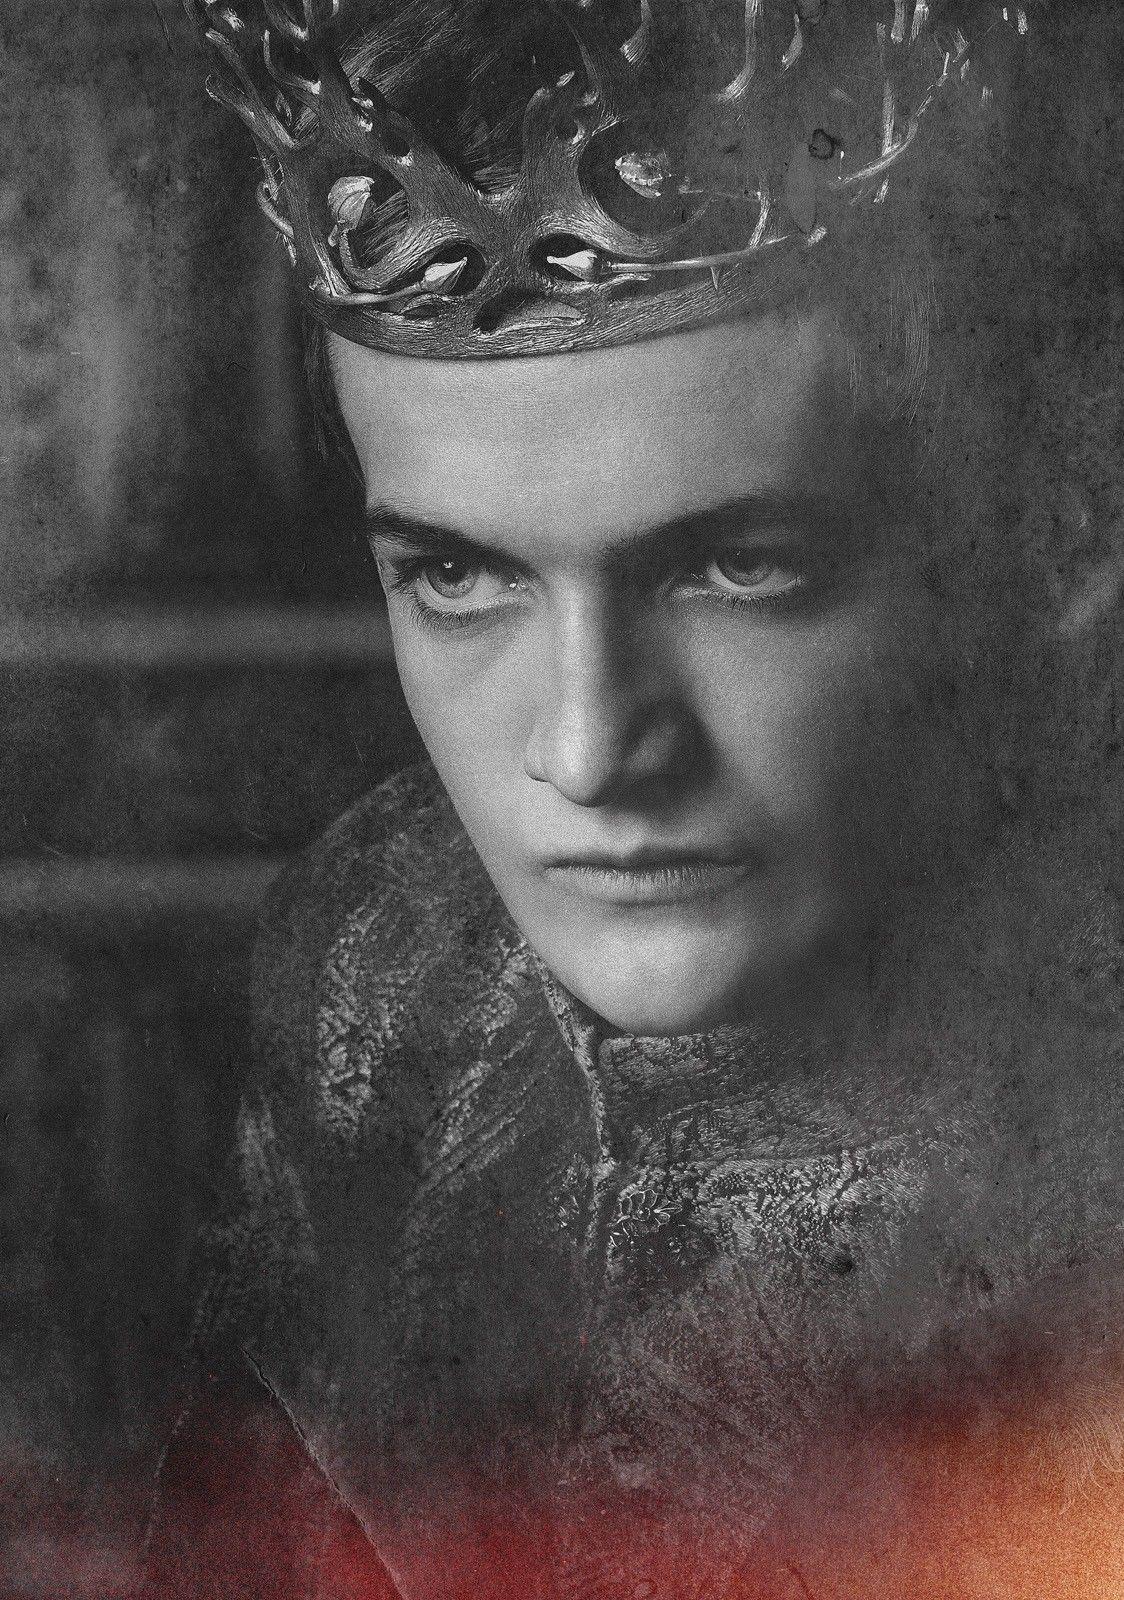 Game of Thrones Série Tv Arte Arte Jack Gleeson Joffrey Baratheon Arte De Seda De Impressão Cartaz 24x36 polegada (60x90 cm)